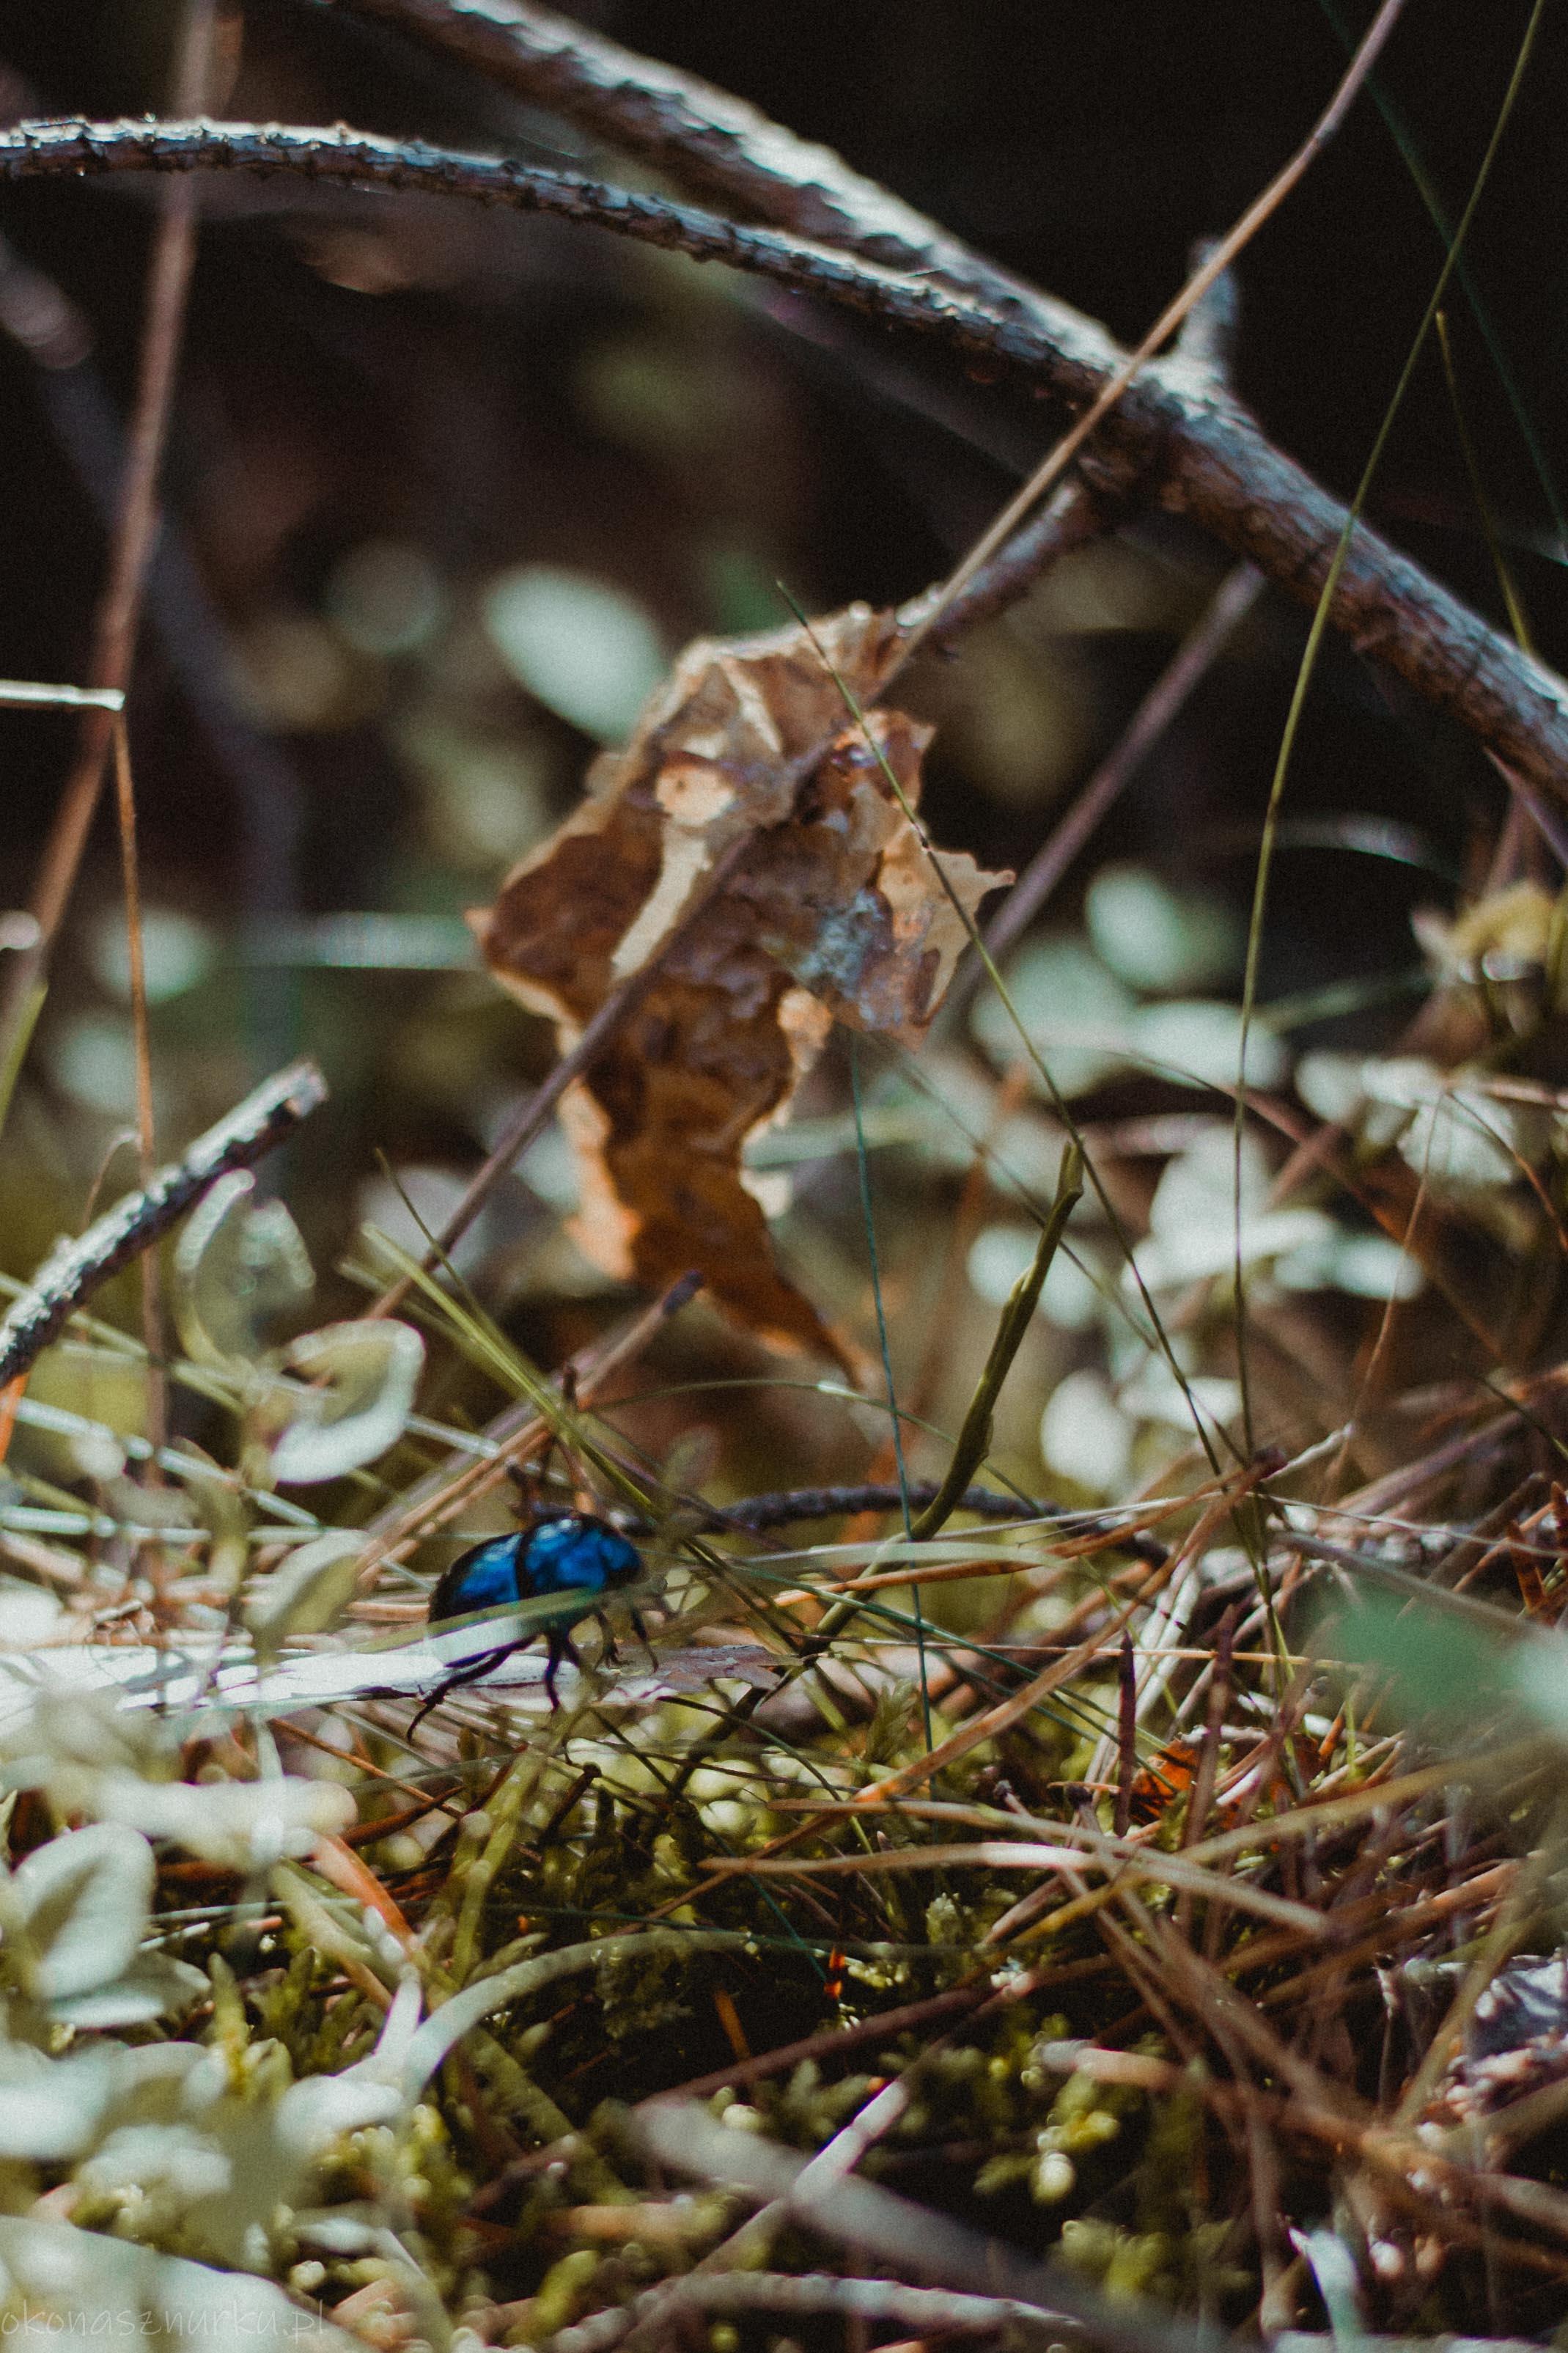 grzybobranie-okonasznurku (21)